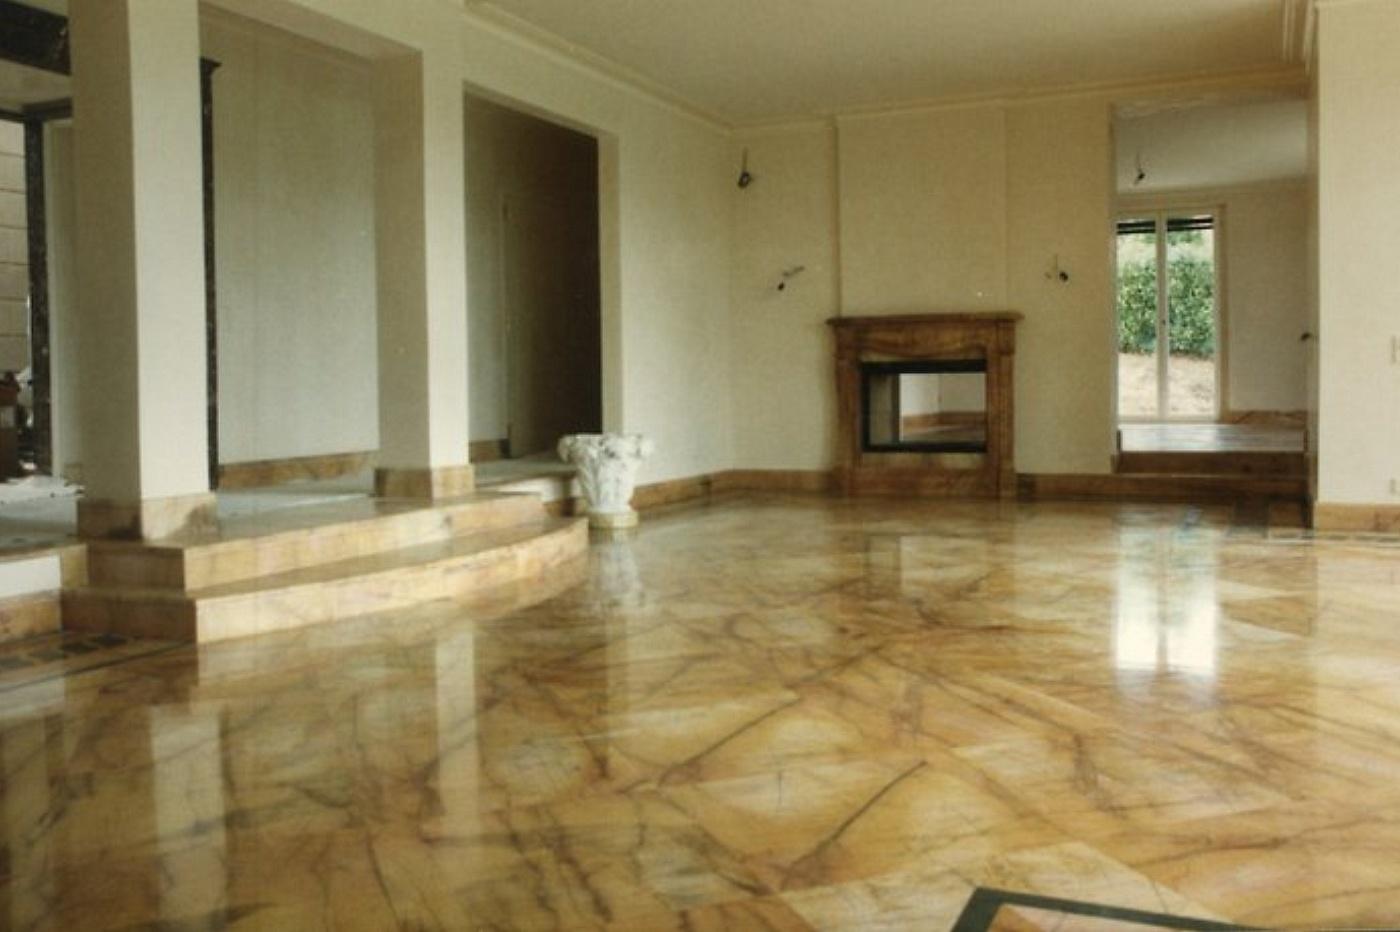 Sols interni di prestigio pavimentazione in marmo for Mosaici pavimenti interni